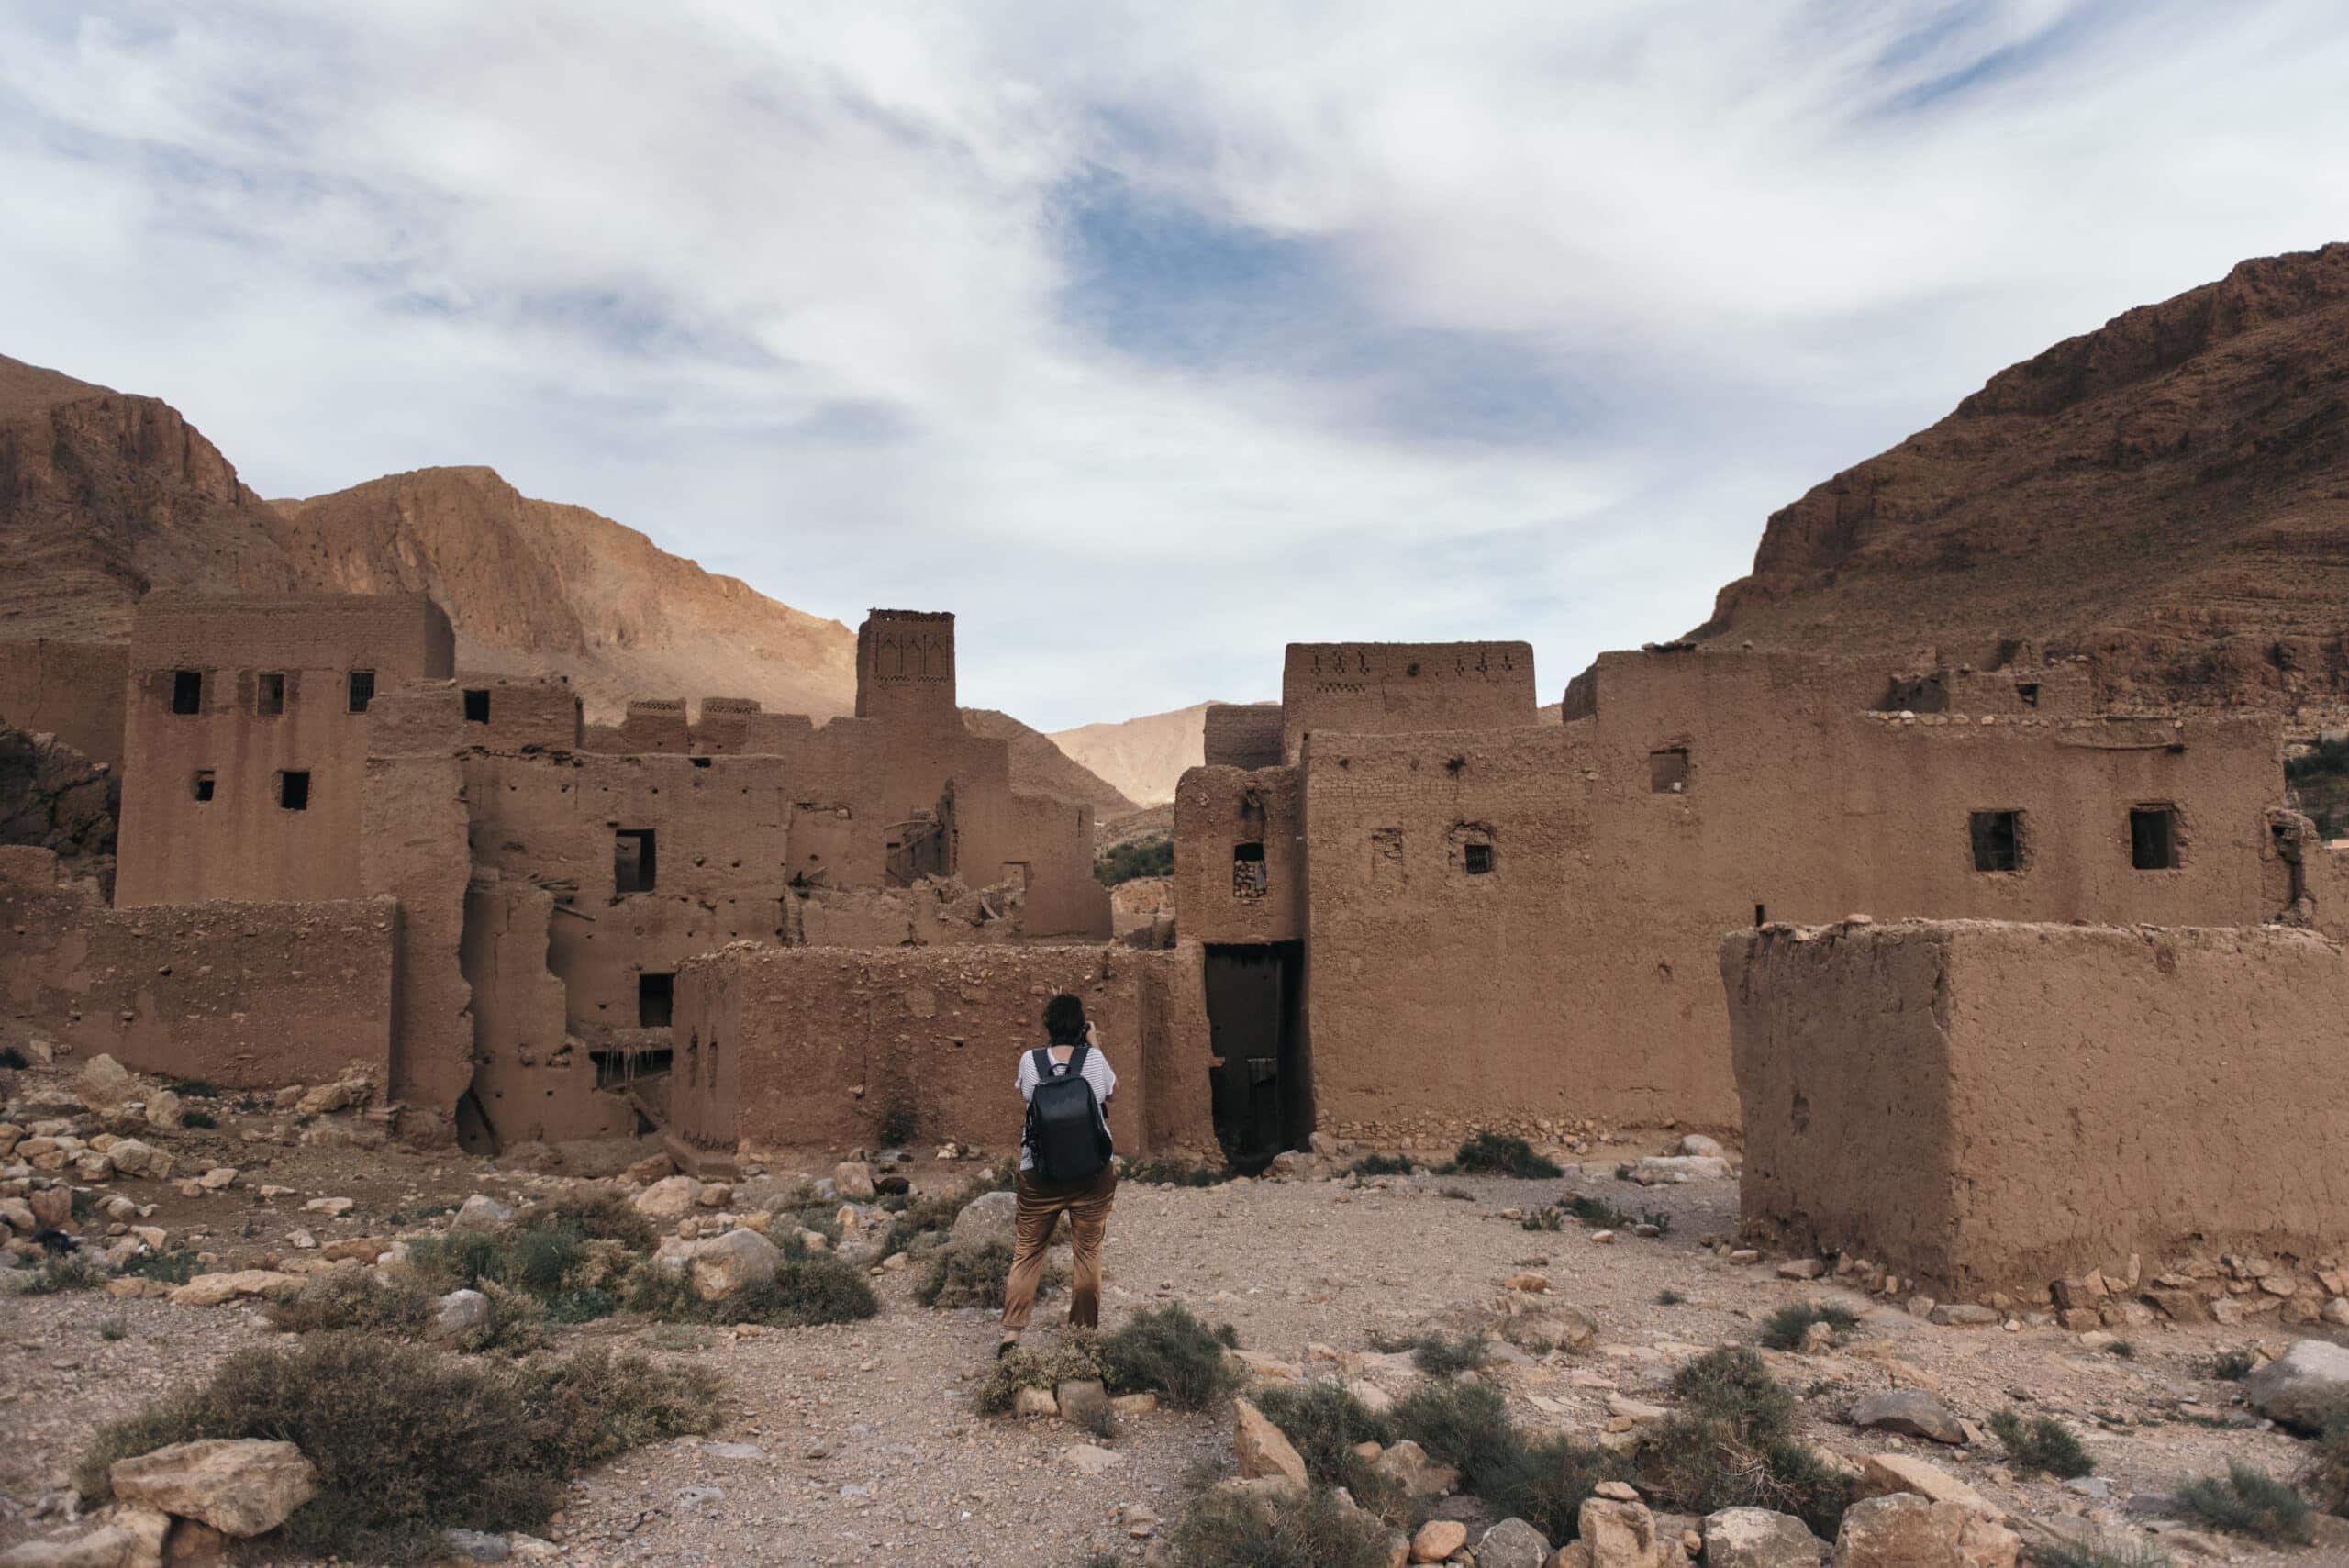 Fotoreis Marokko Sky & Sand - Rocky Roads Travel